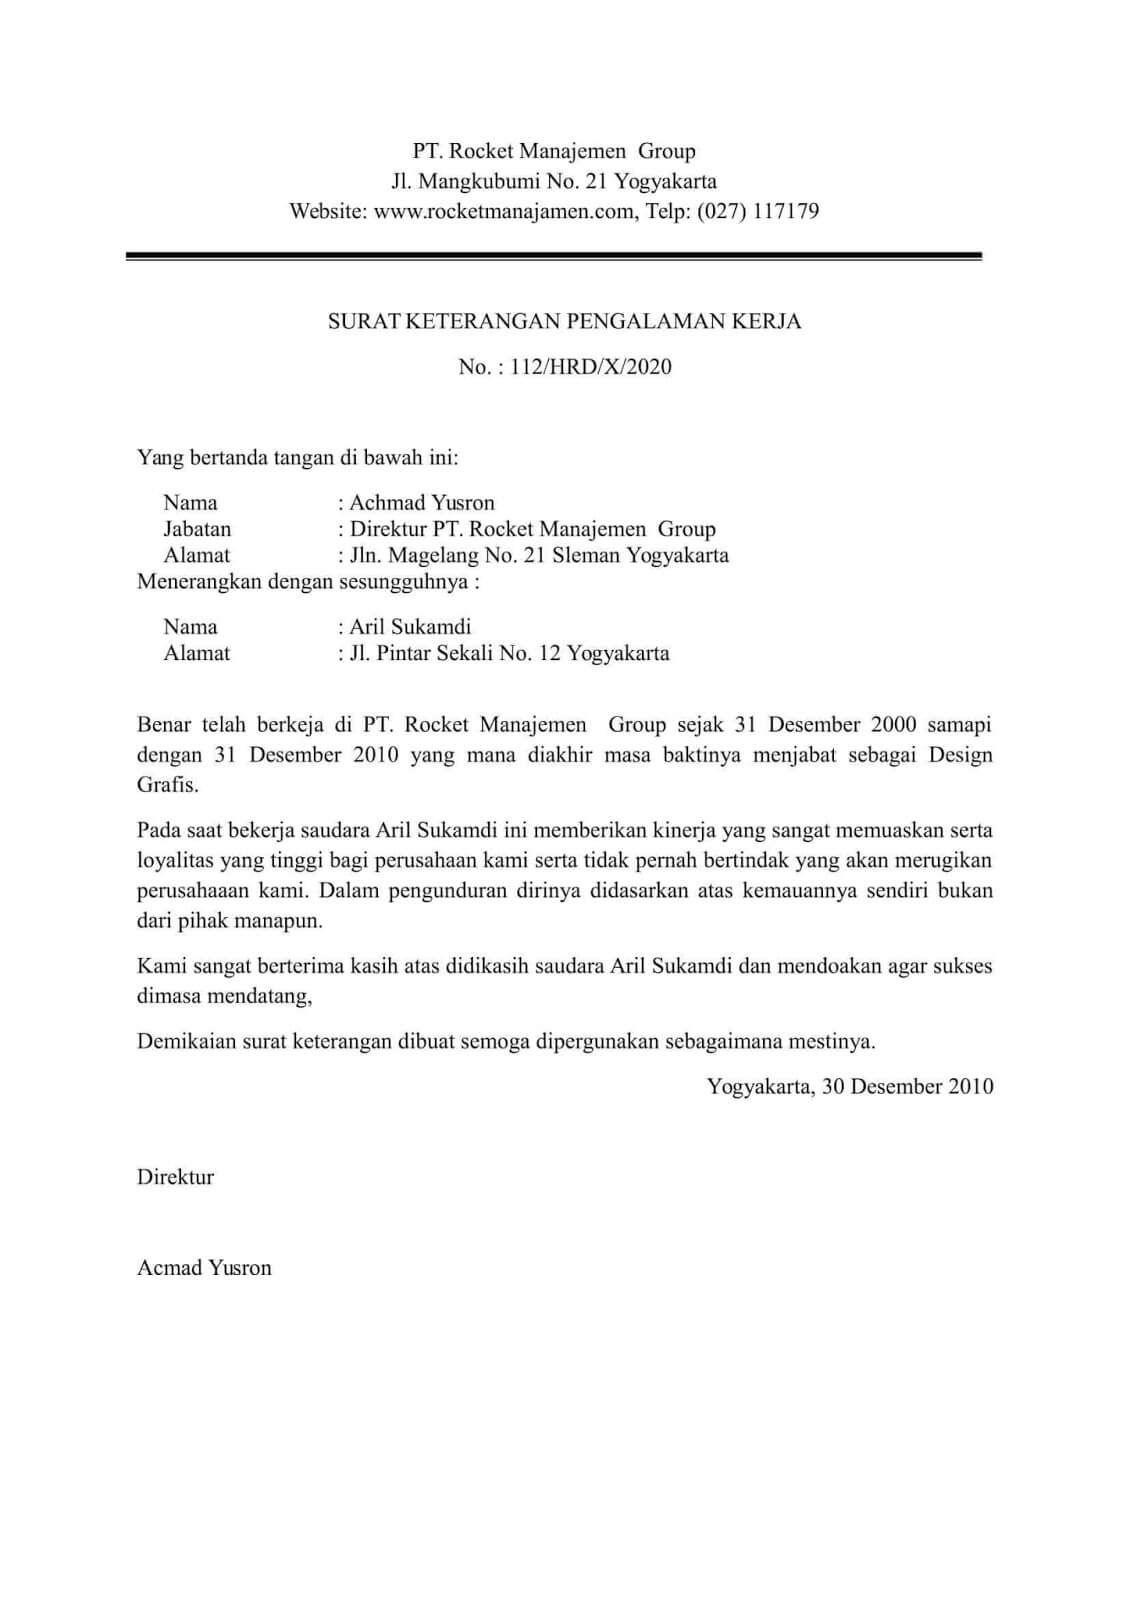 8 Contoh Surat Keterangan Kerja Terlengkap Untuk Berbagai Keperluan Surat Kerja Kepala Sekolah